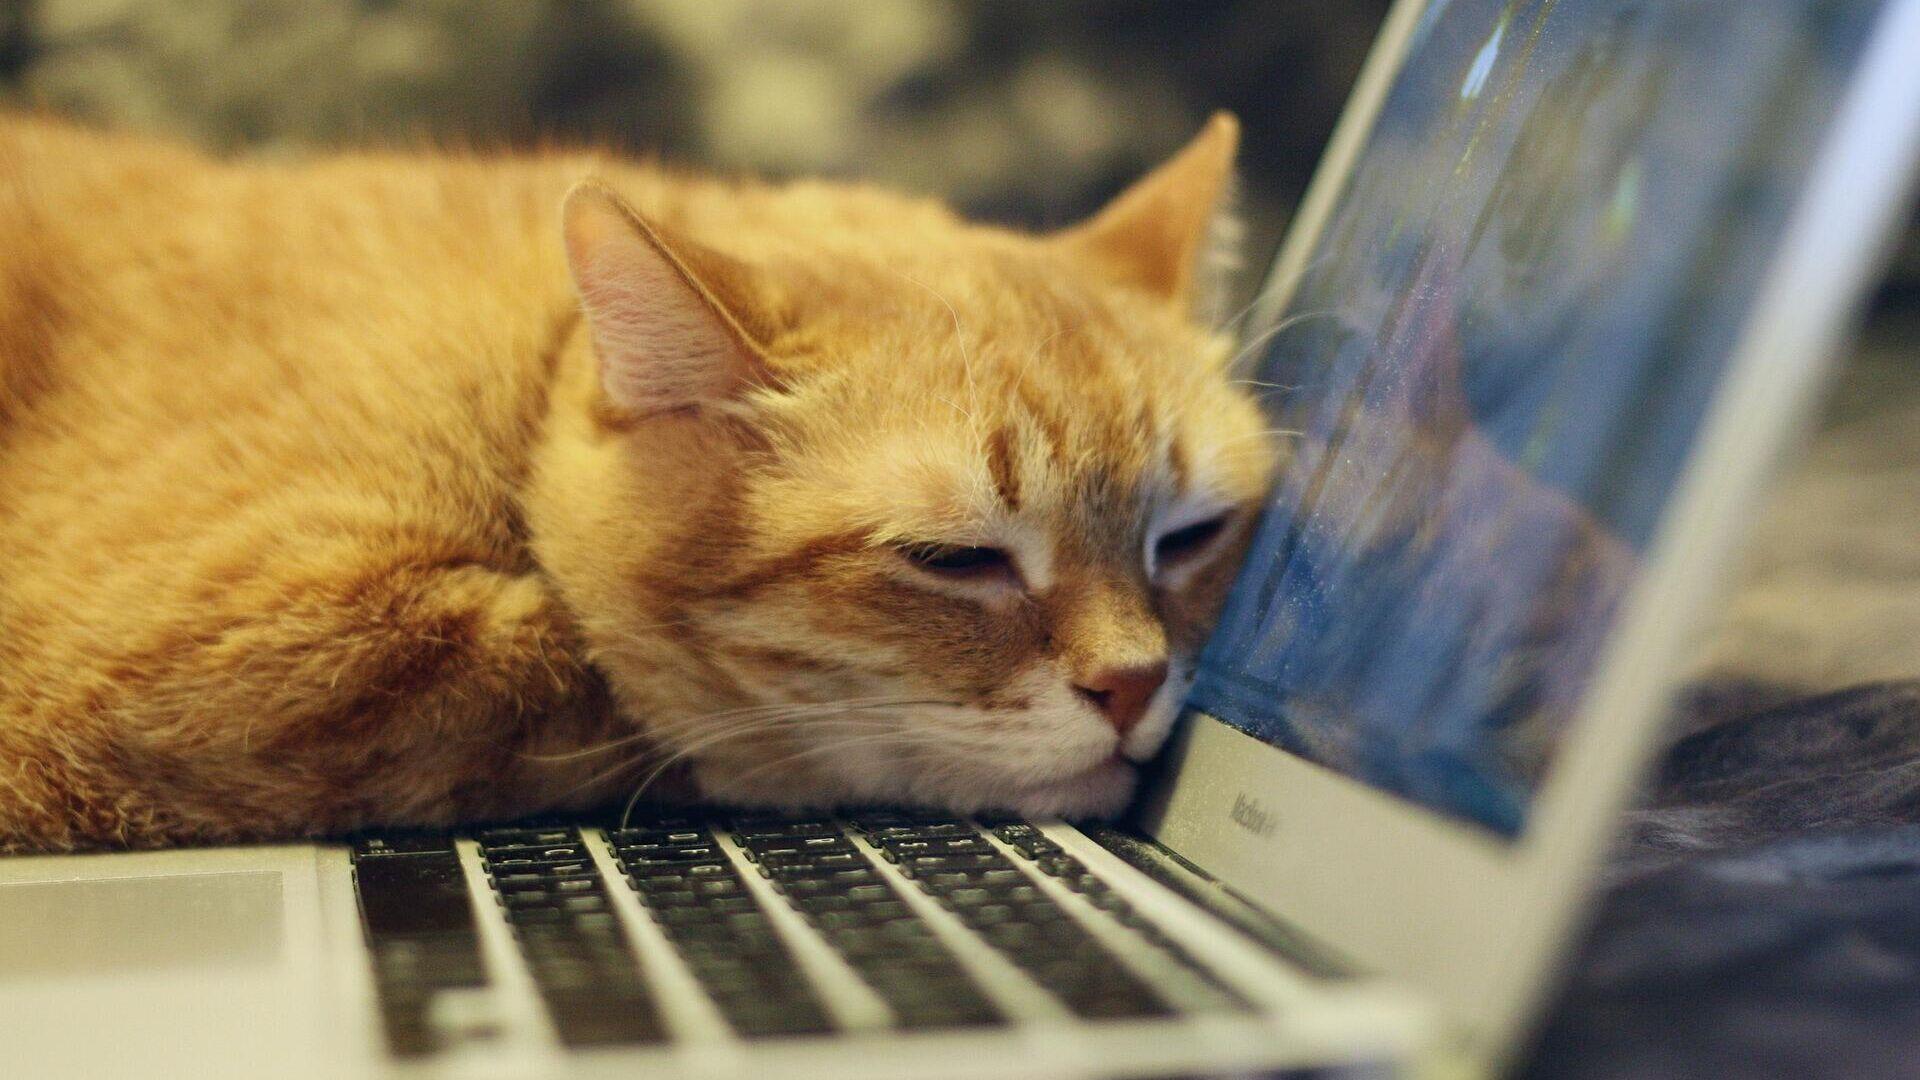 Katze am Laptop (Symbolbild) - SNA, 1920, 26.02.2021